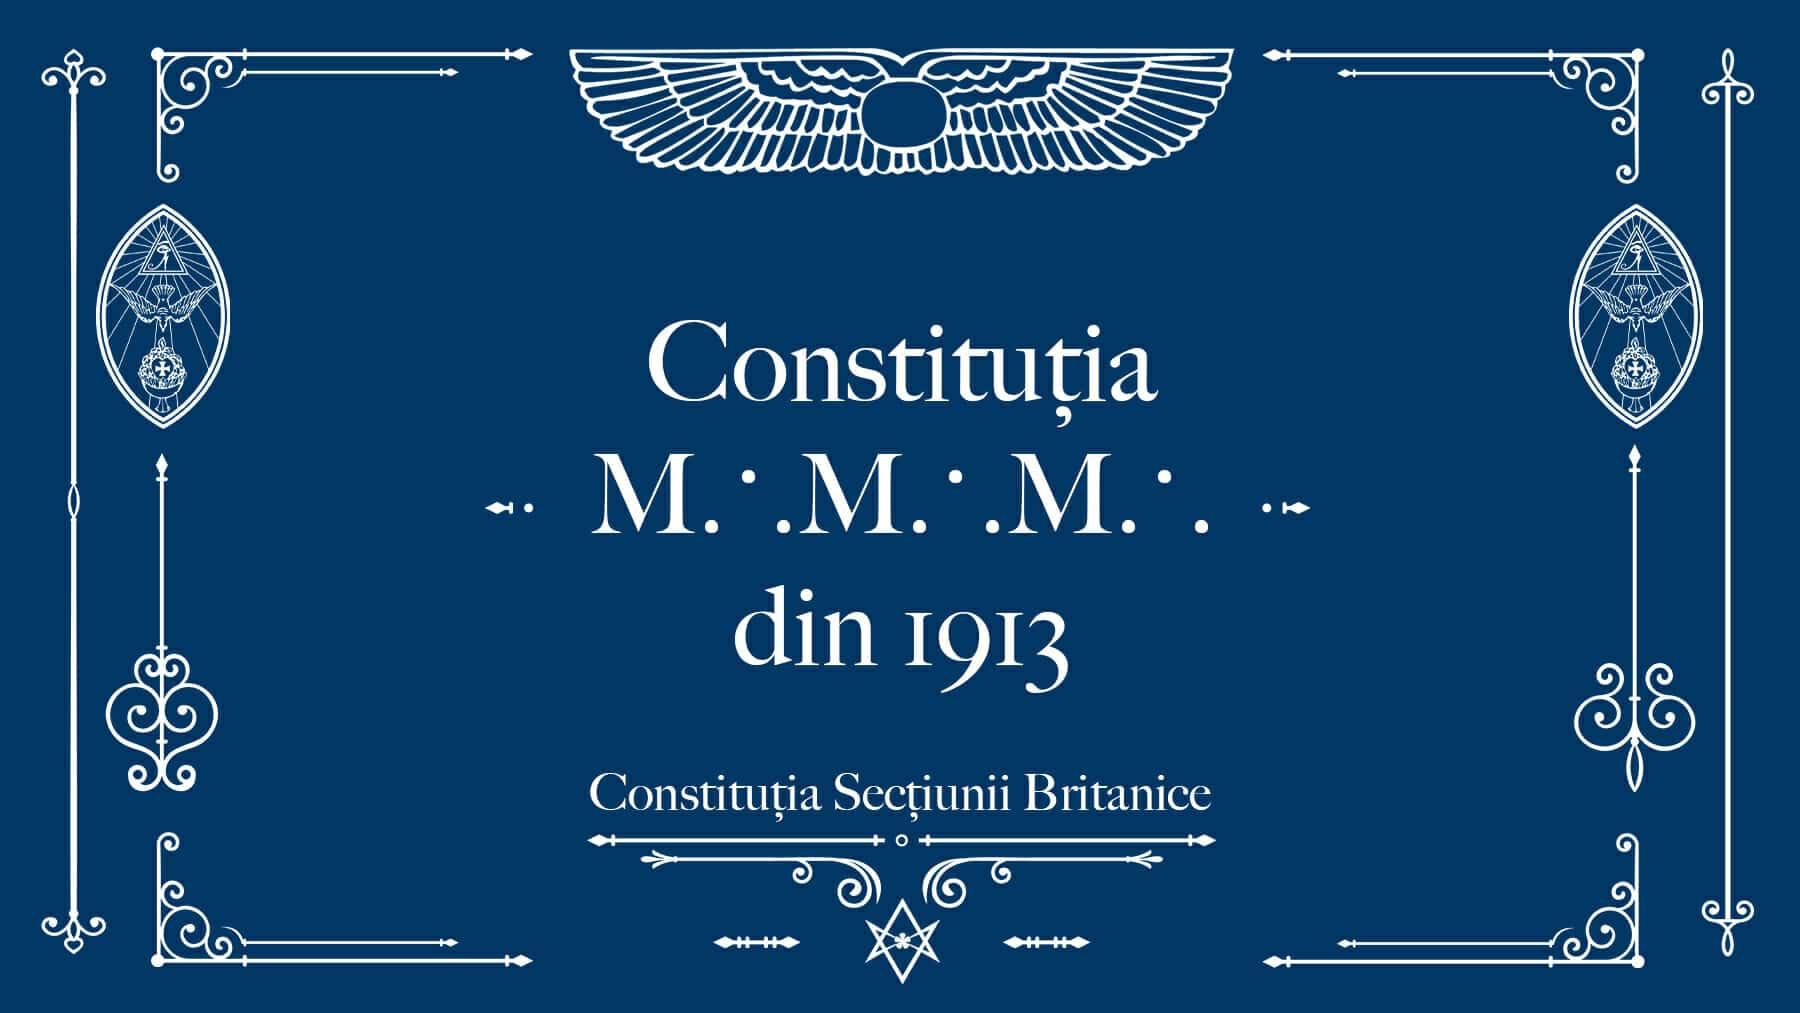 Constituția M∴M∴M∴ din 1913